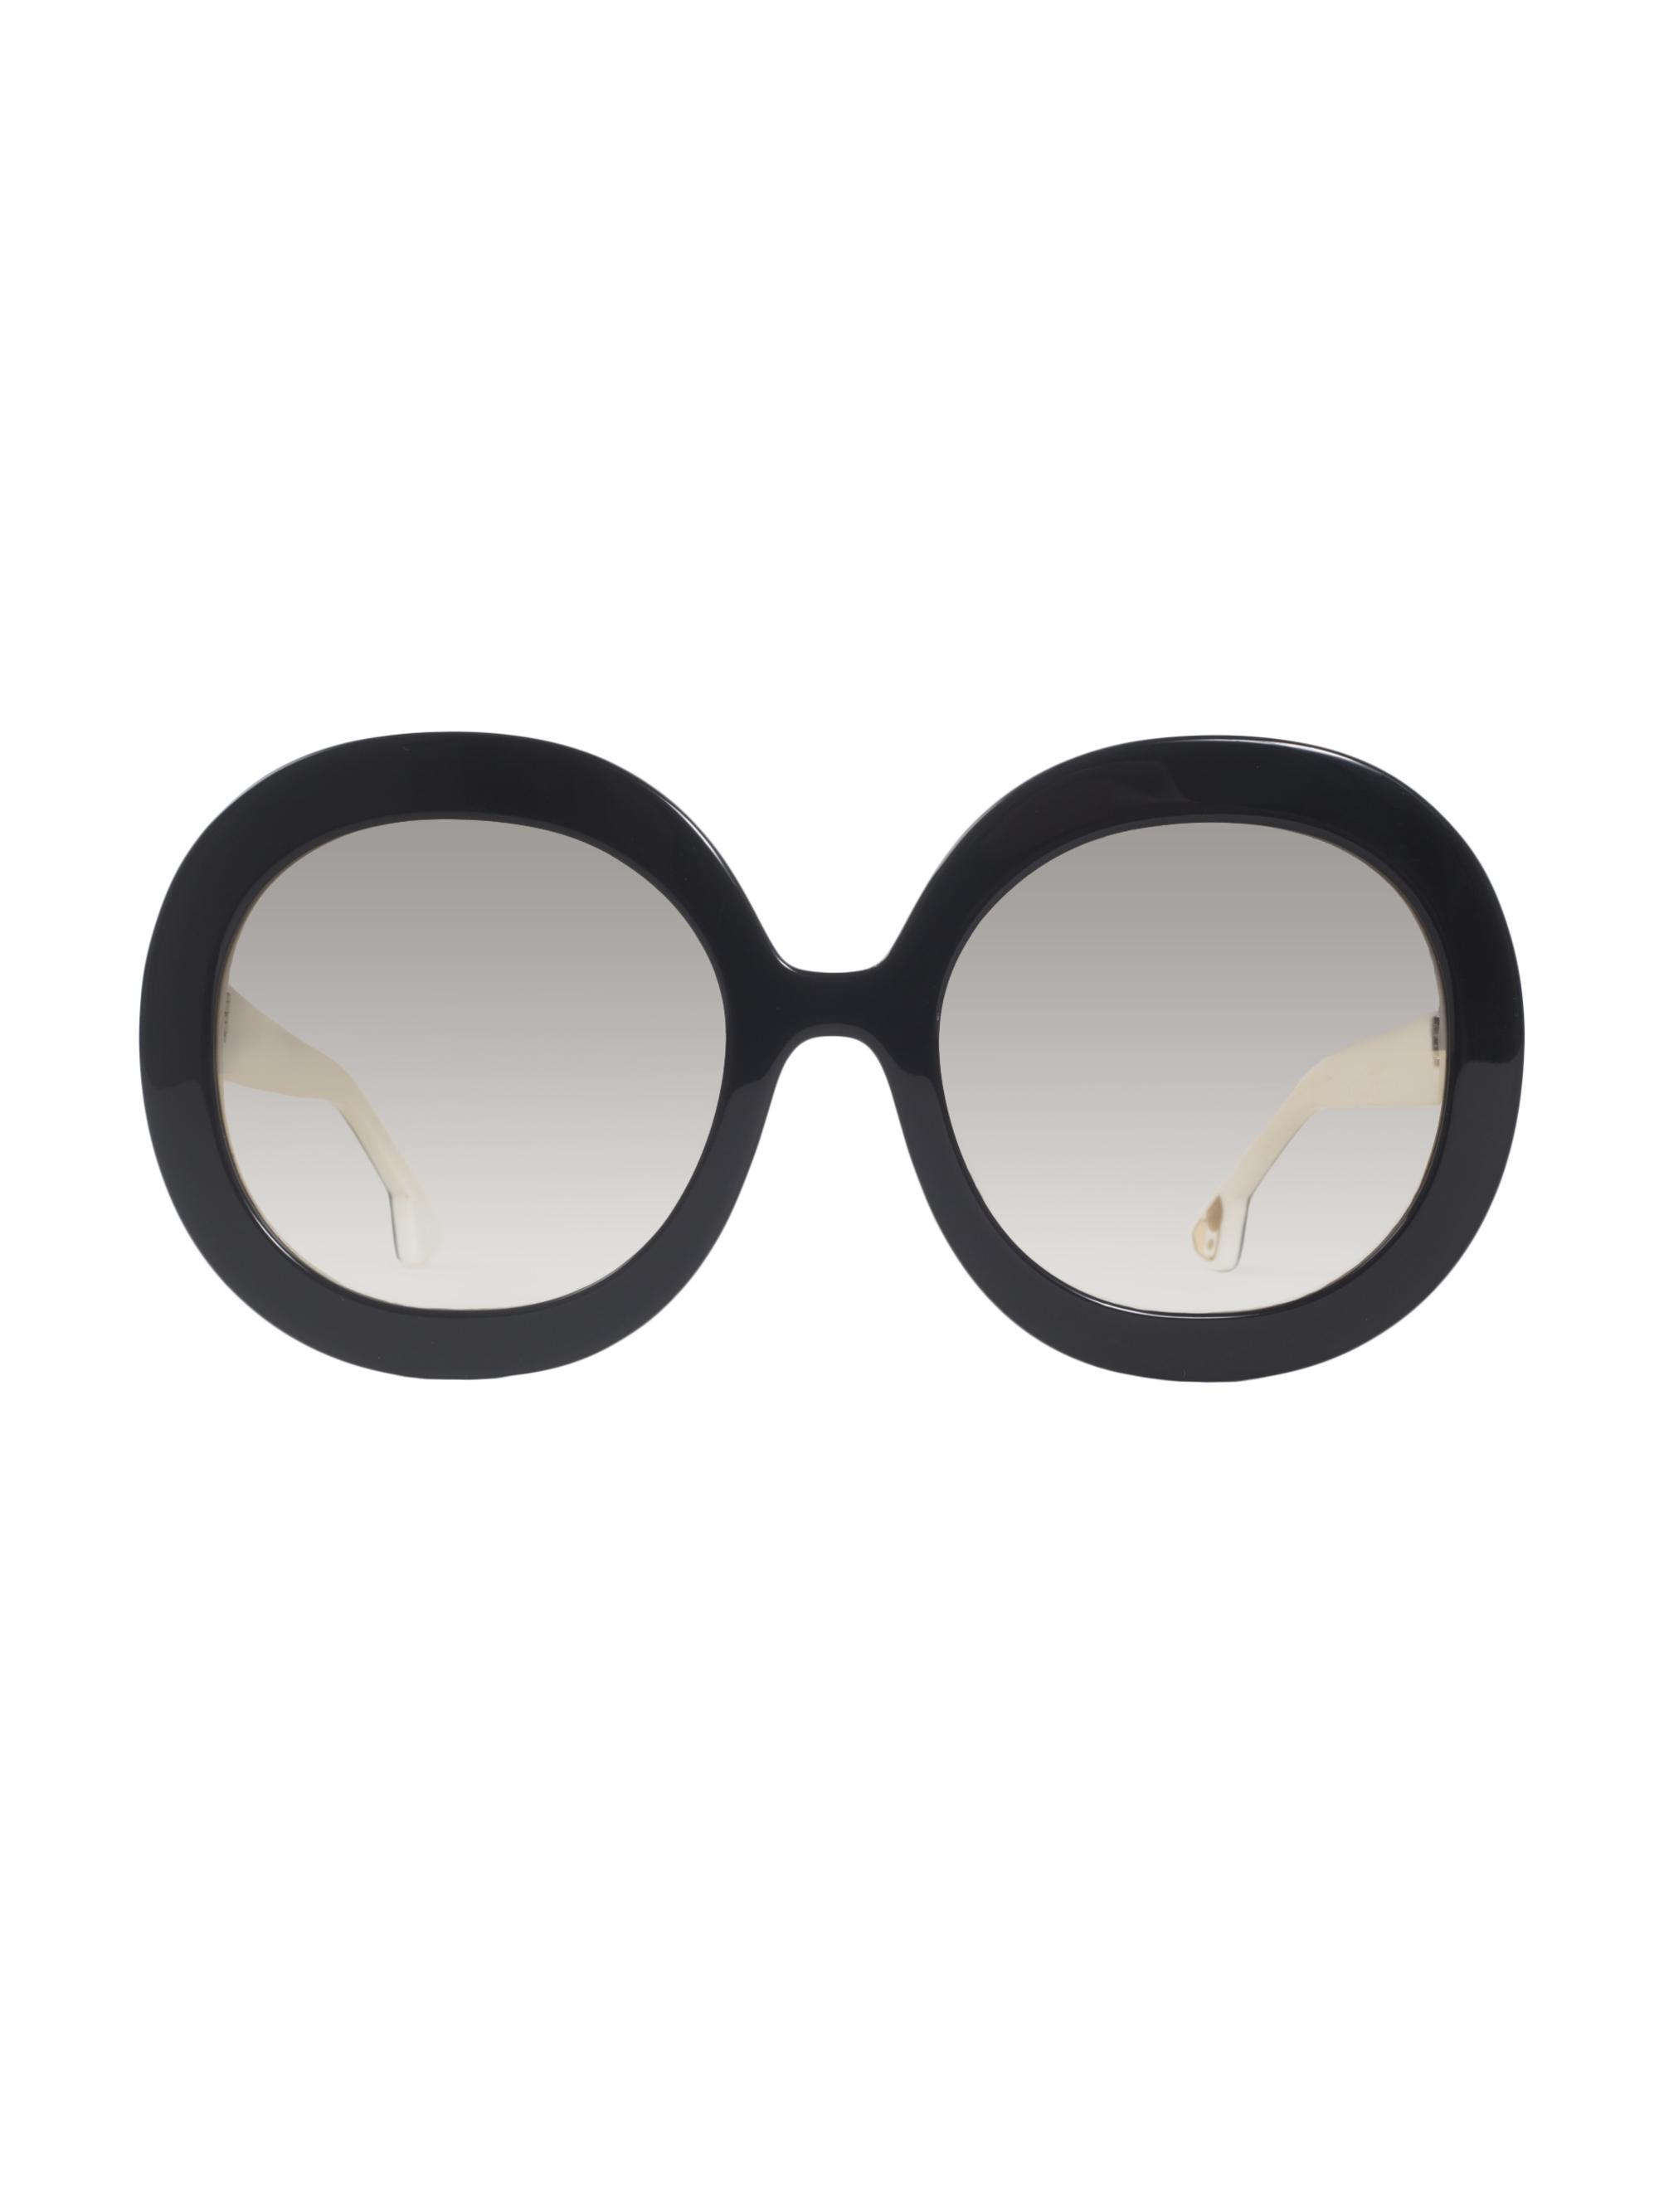 795c234ac9 Alice + Olivia Melrose Sunglasses in Black - Lyst